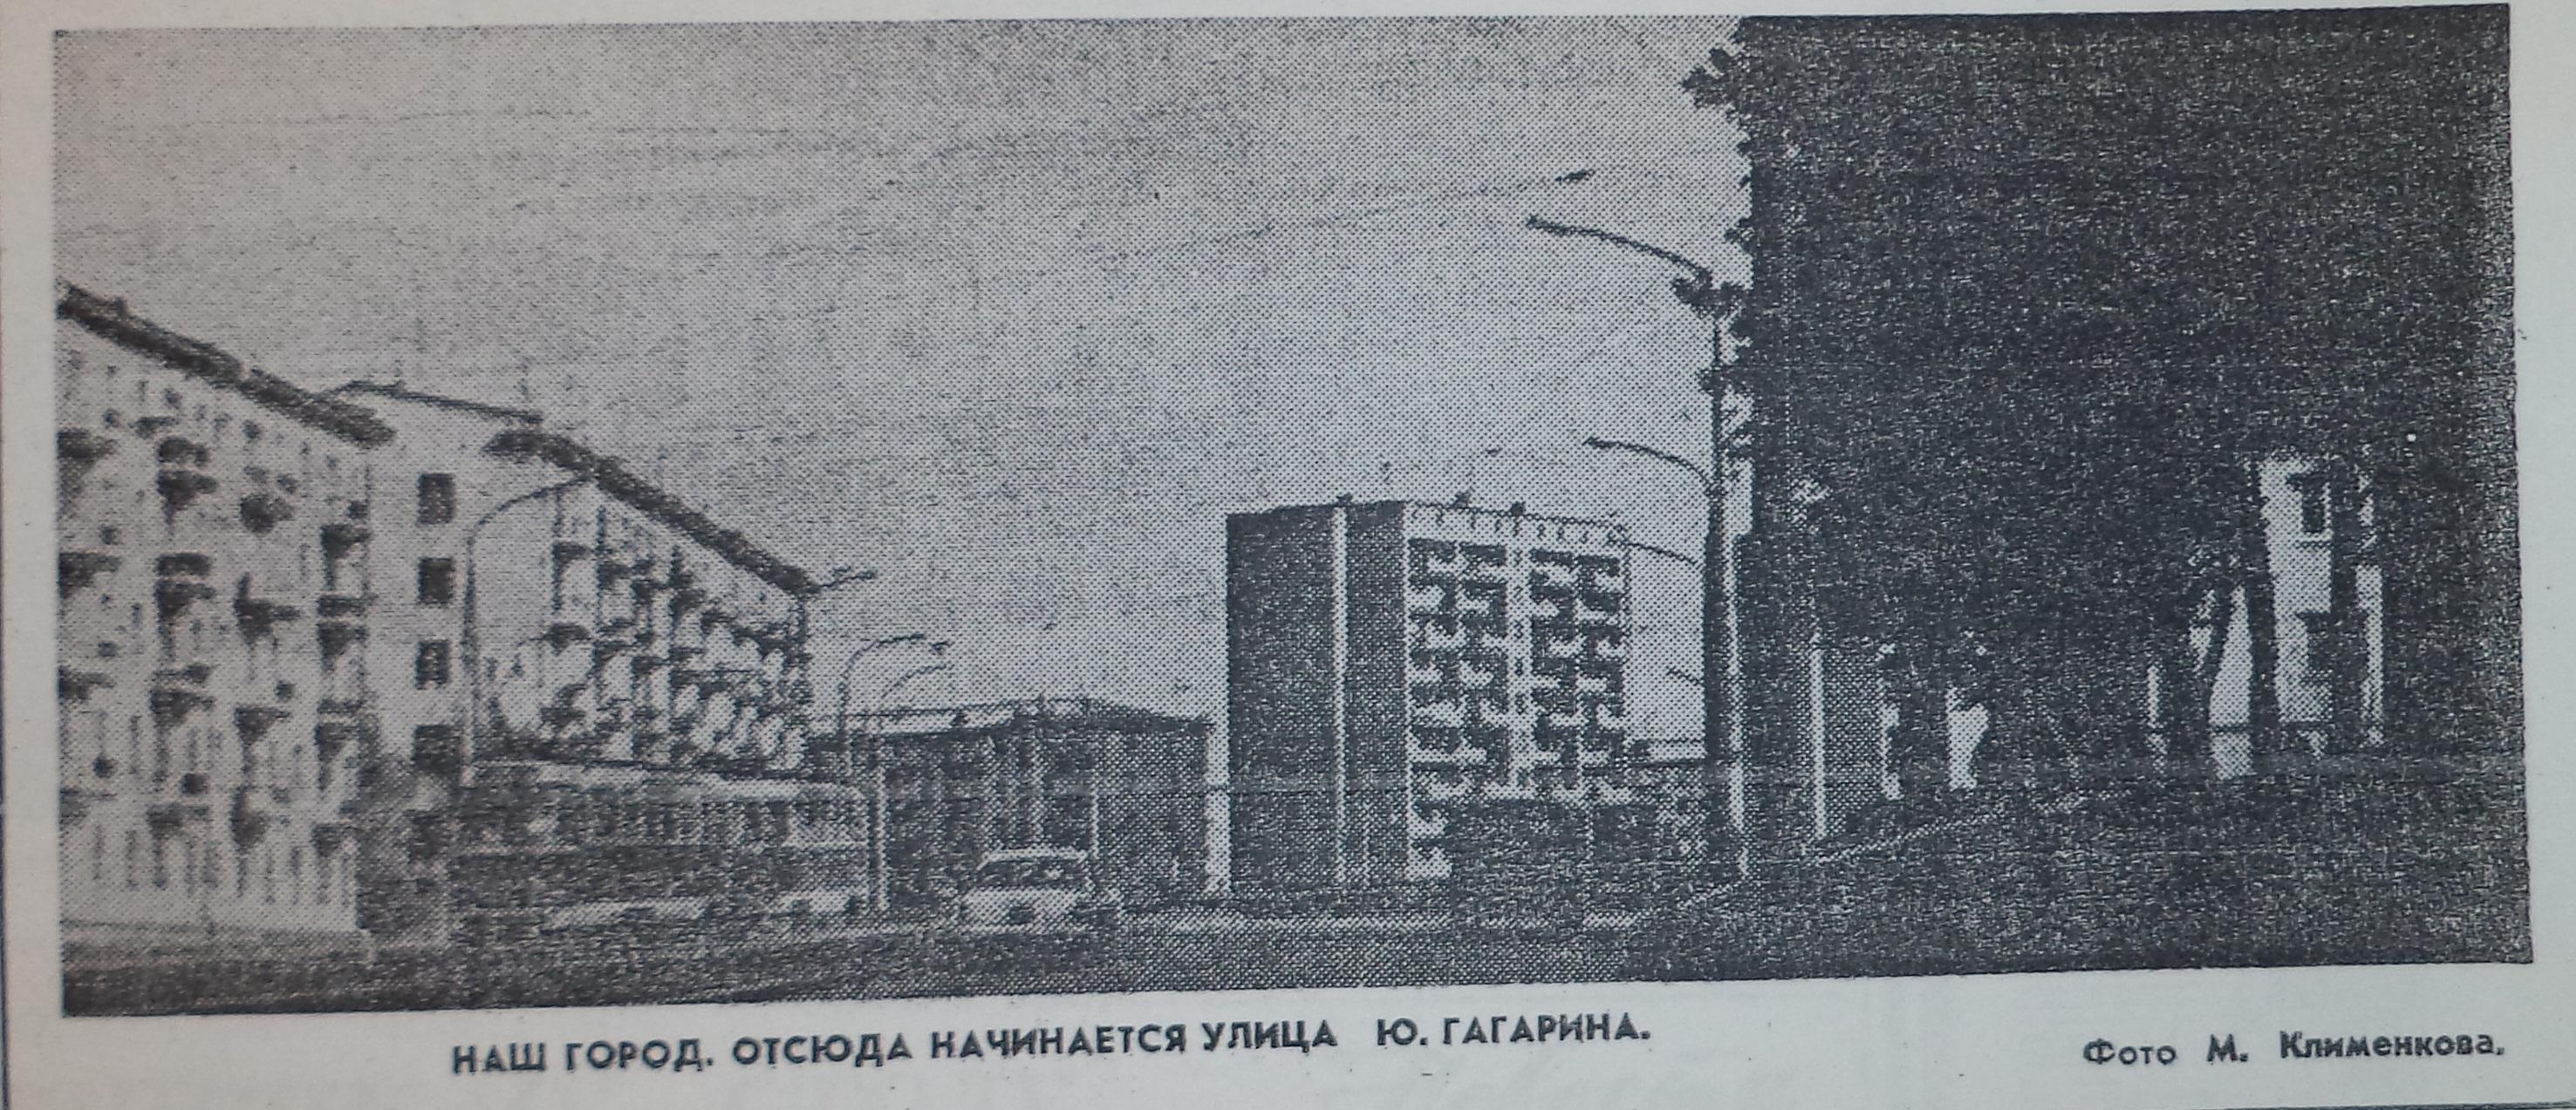 Гагарина-фото-20-ВЗя-1970-06-08-фото нач. части Гагарина